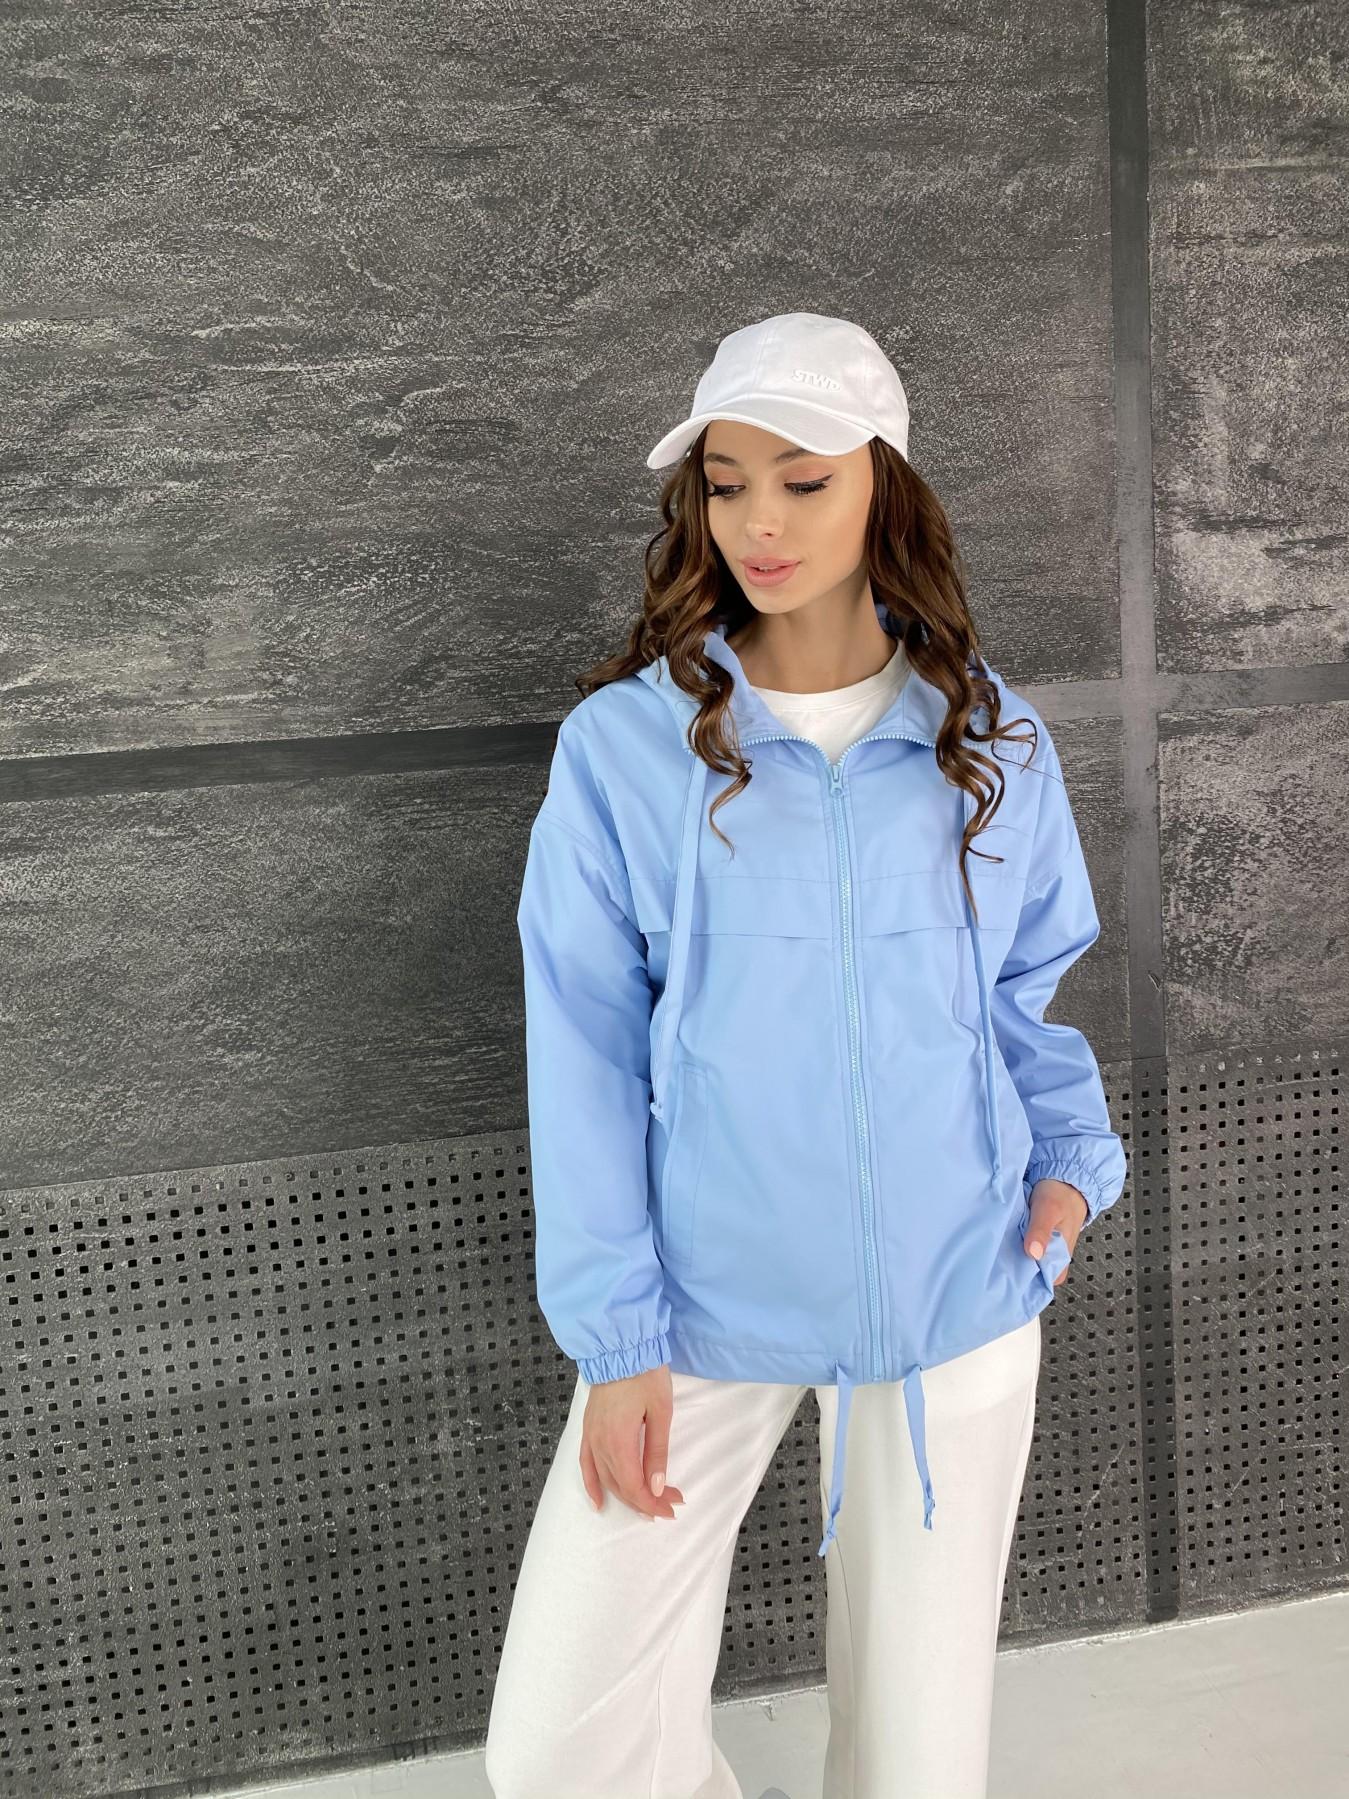 Фит куртка из плащевой ткани Ammy 11013 АРТ. 47593 Цвет: Голубой - фото 3, интернет магазин tm-modus.ru